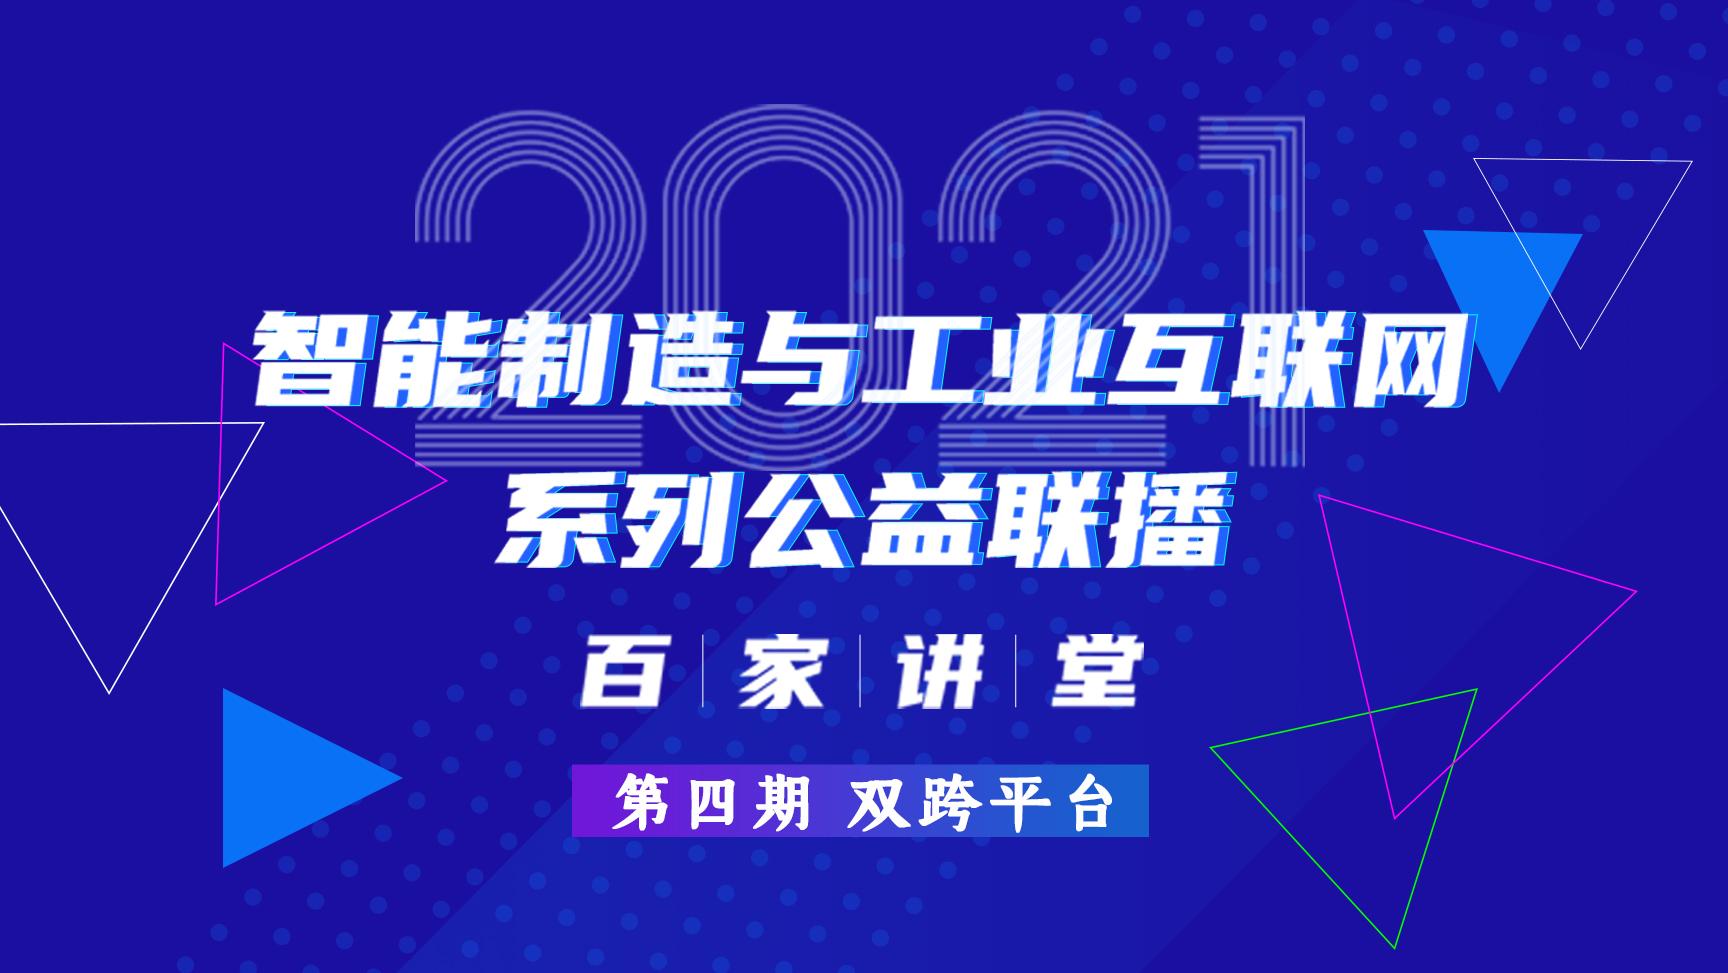 【第四期 双跨平台】2021智能制造与工业互联网百家讲堂